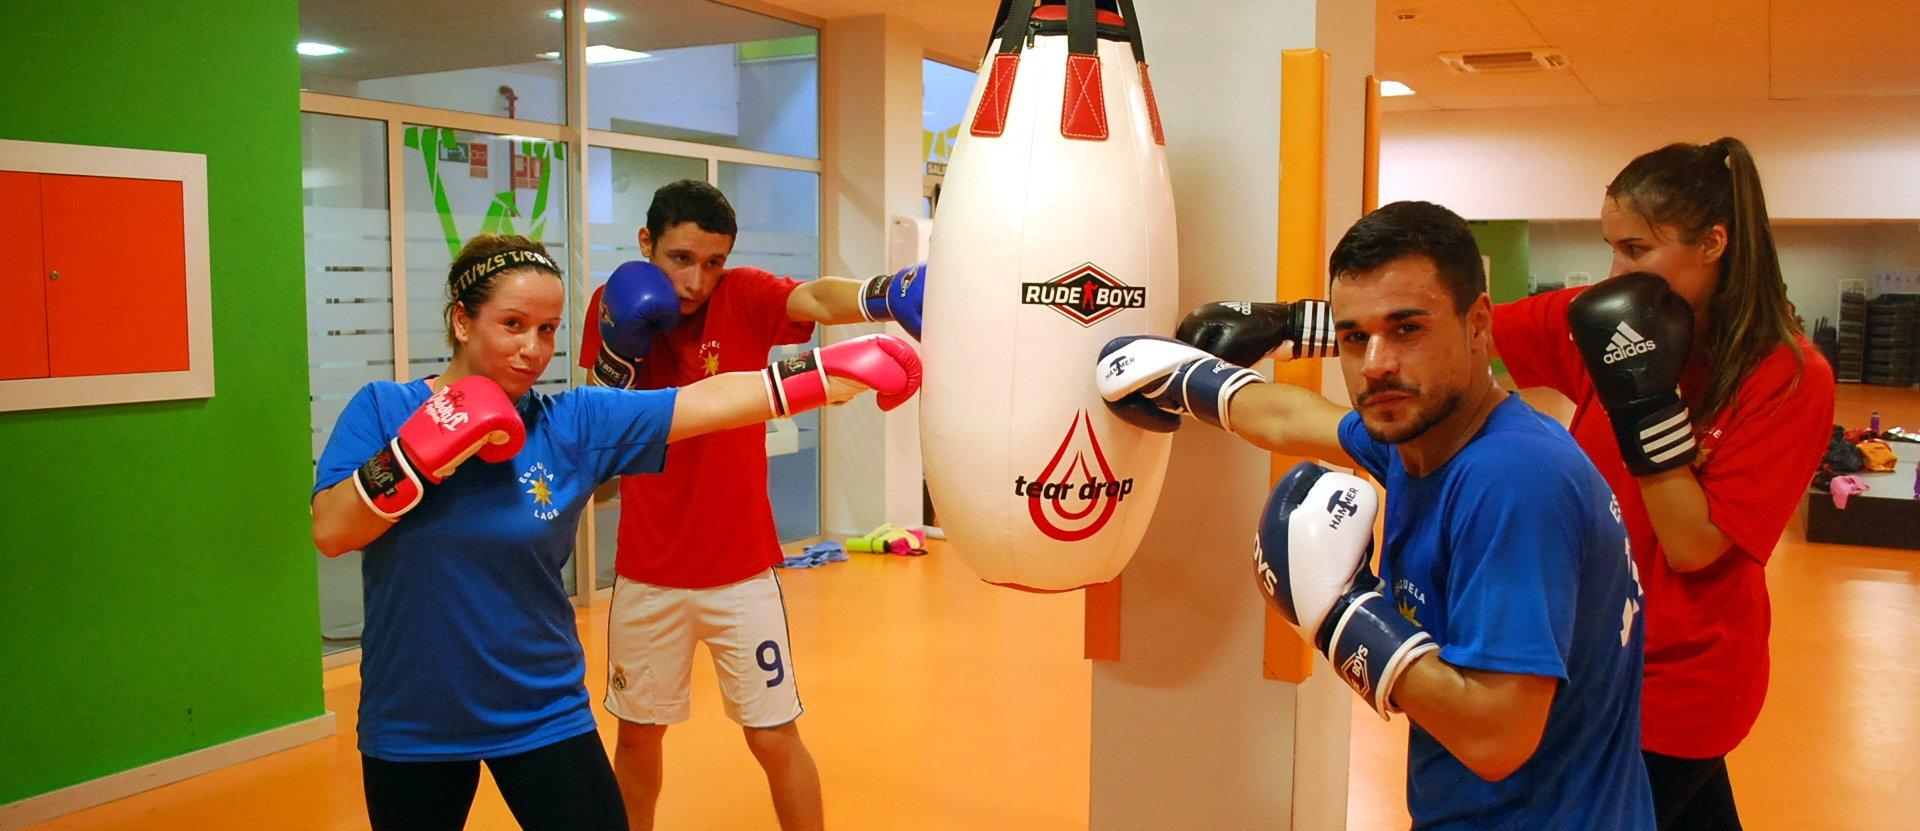 Usuarios practicando boxeo en gimnasio Vigo